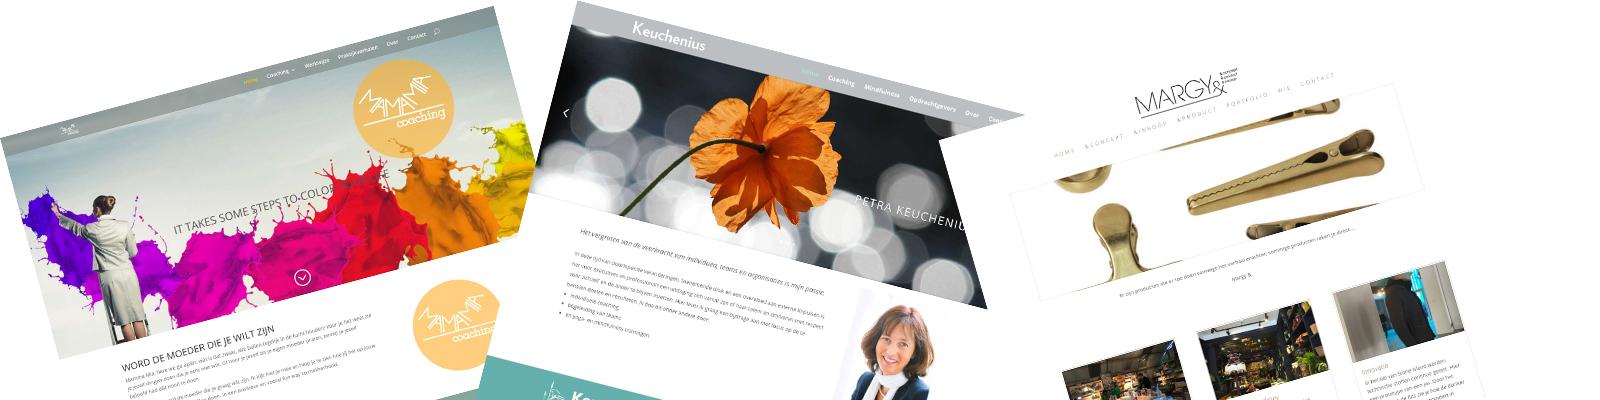 websites cursus wordpress